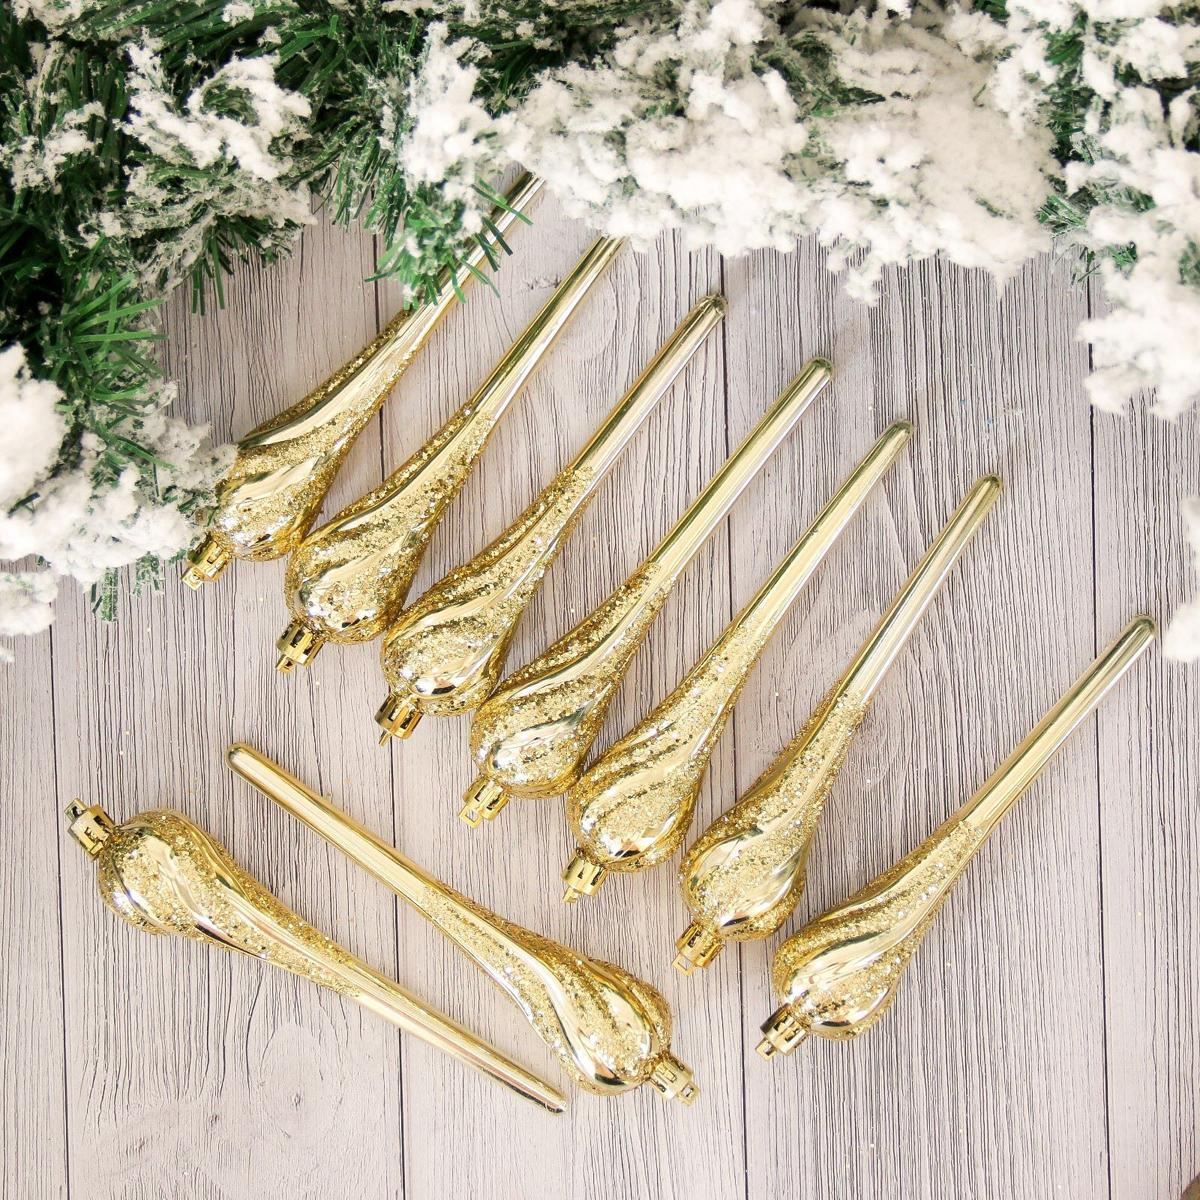 Набор новогодних подвесных украшений Сосульки, длина 17 см, 9 шт2155336Набор новогодних подвесных украшений отлично подойдет для декорации вашего дома и новогодней ели. С помощью специальной петельки украшение можно повесить в любом понравившемся вам месте. Но, конечно, удачнее всего оно будет смотреться на праздничной елке.Елочная игрушка - символ Нового года. Она несет в себе волшебство и красоту праздника. Такое украшение создаст в вашем доме атмосферу праздника, веселья и радости.